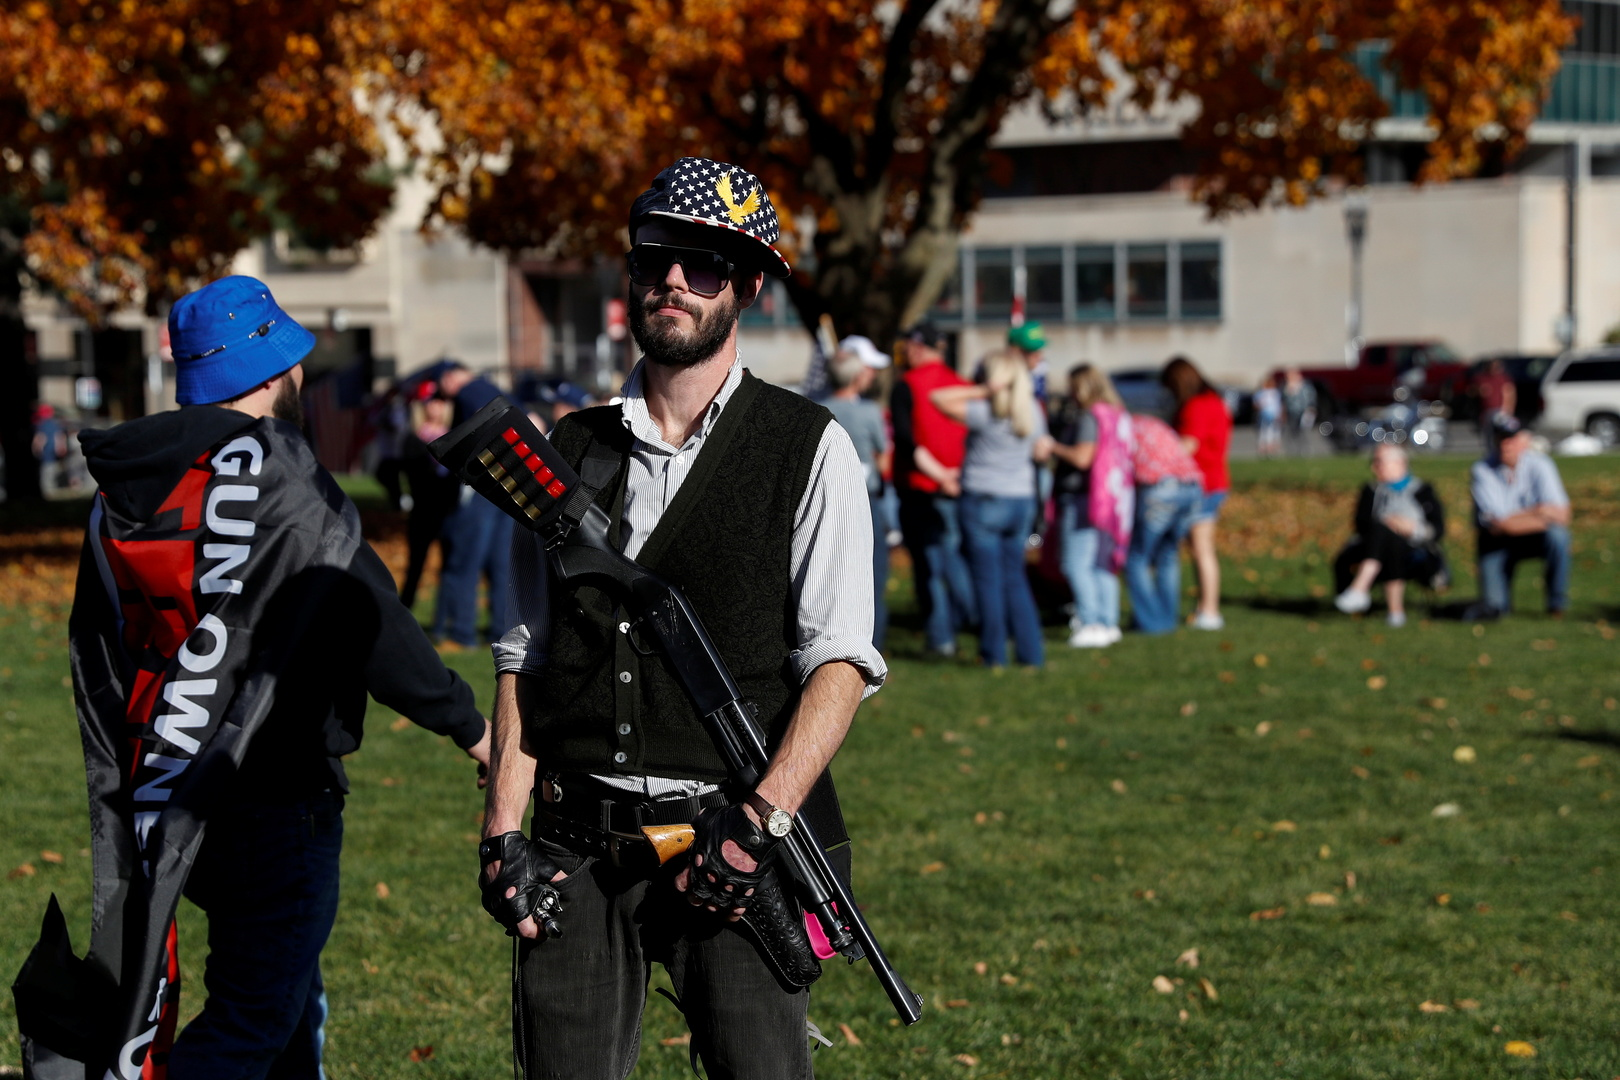 شرطة واشنطن تتأهب لمواجهة مناصري ترامب: السلاح ممنوع!